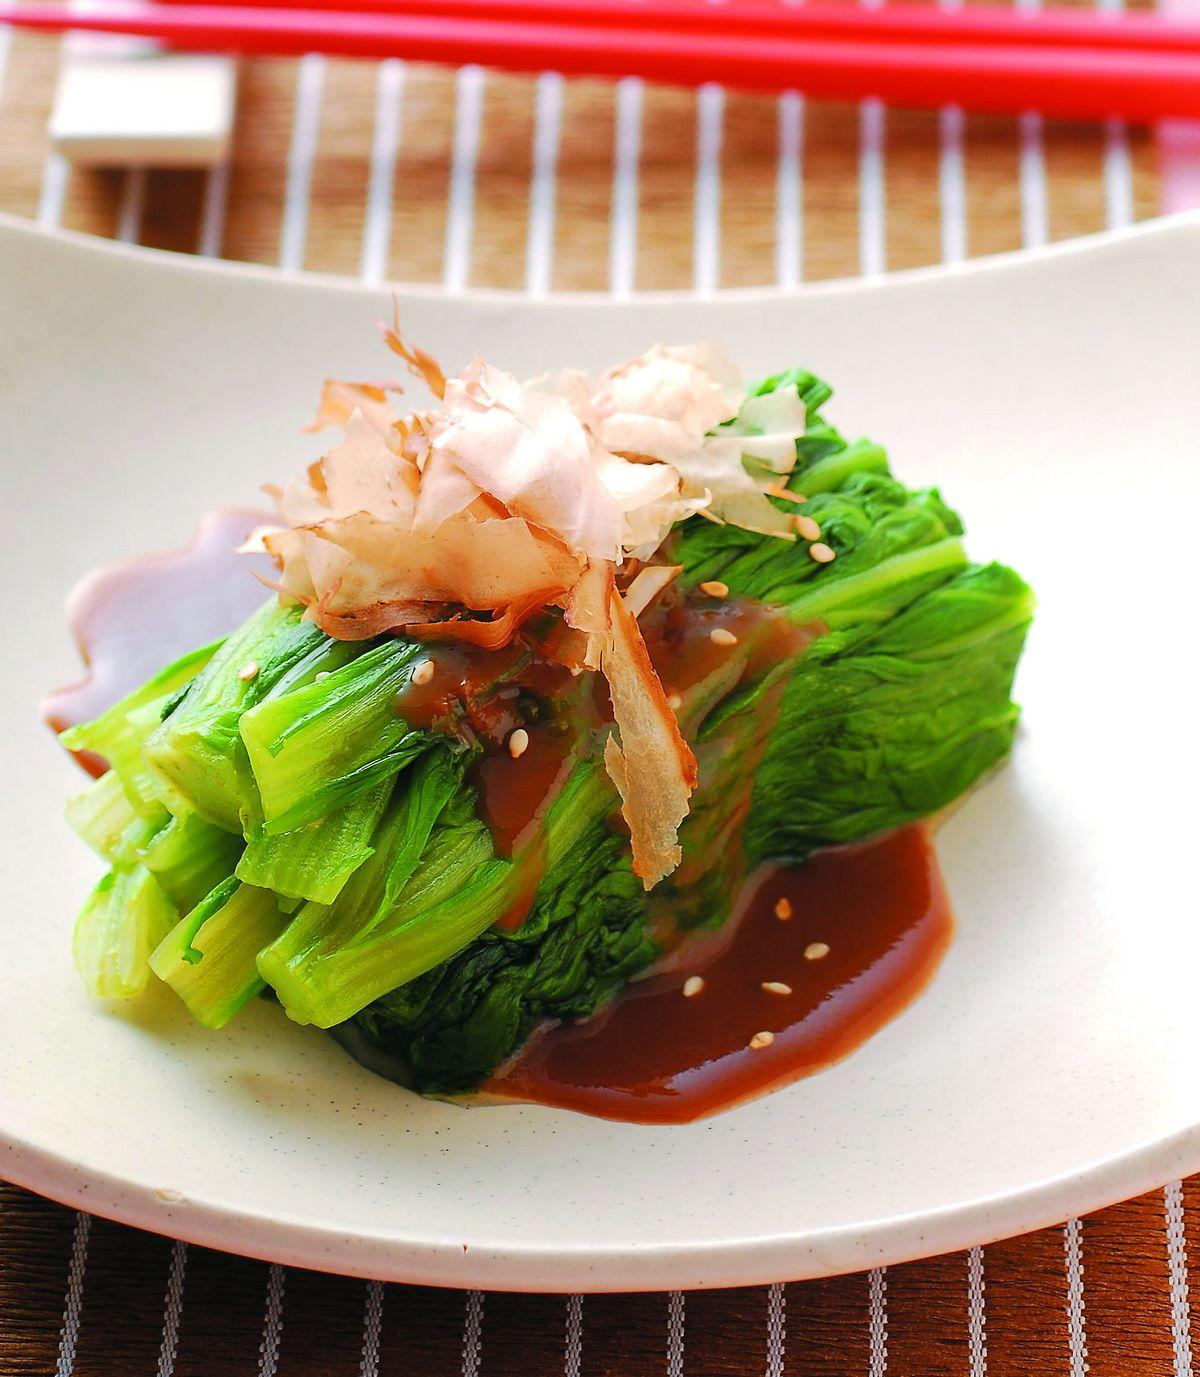 食譜:芝麻醬淋春菊